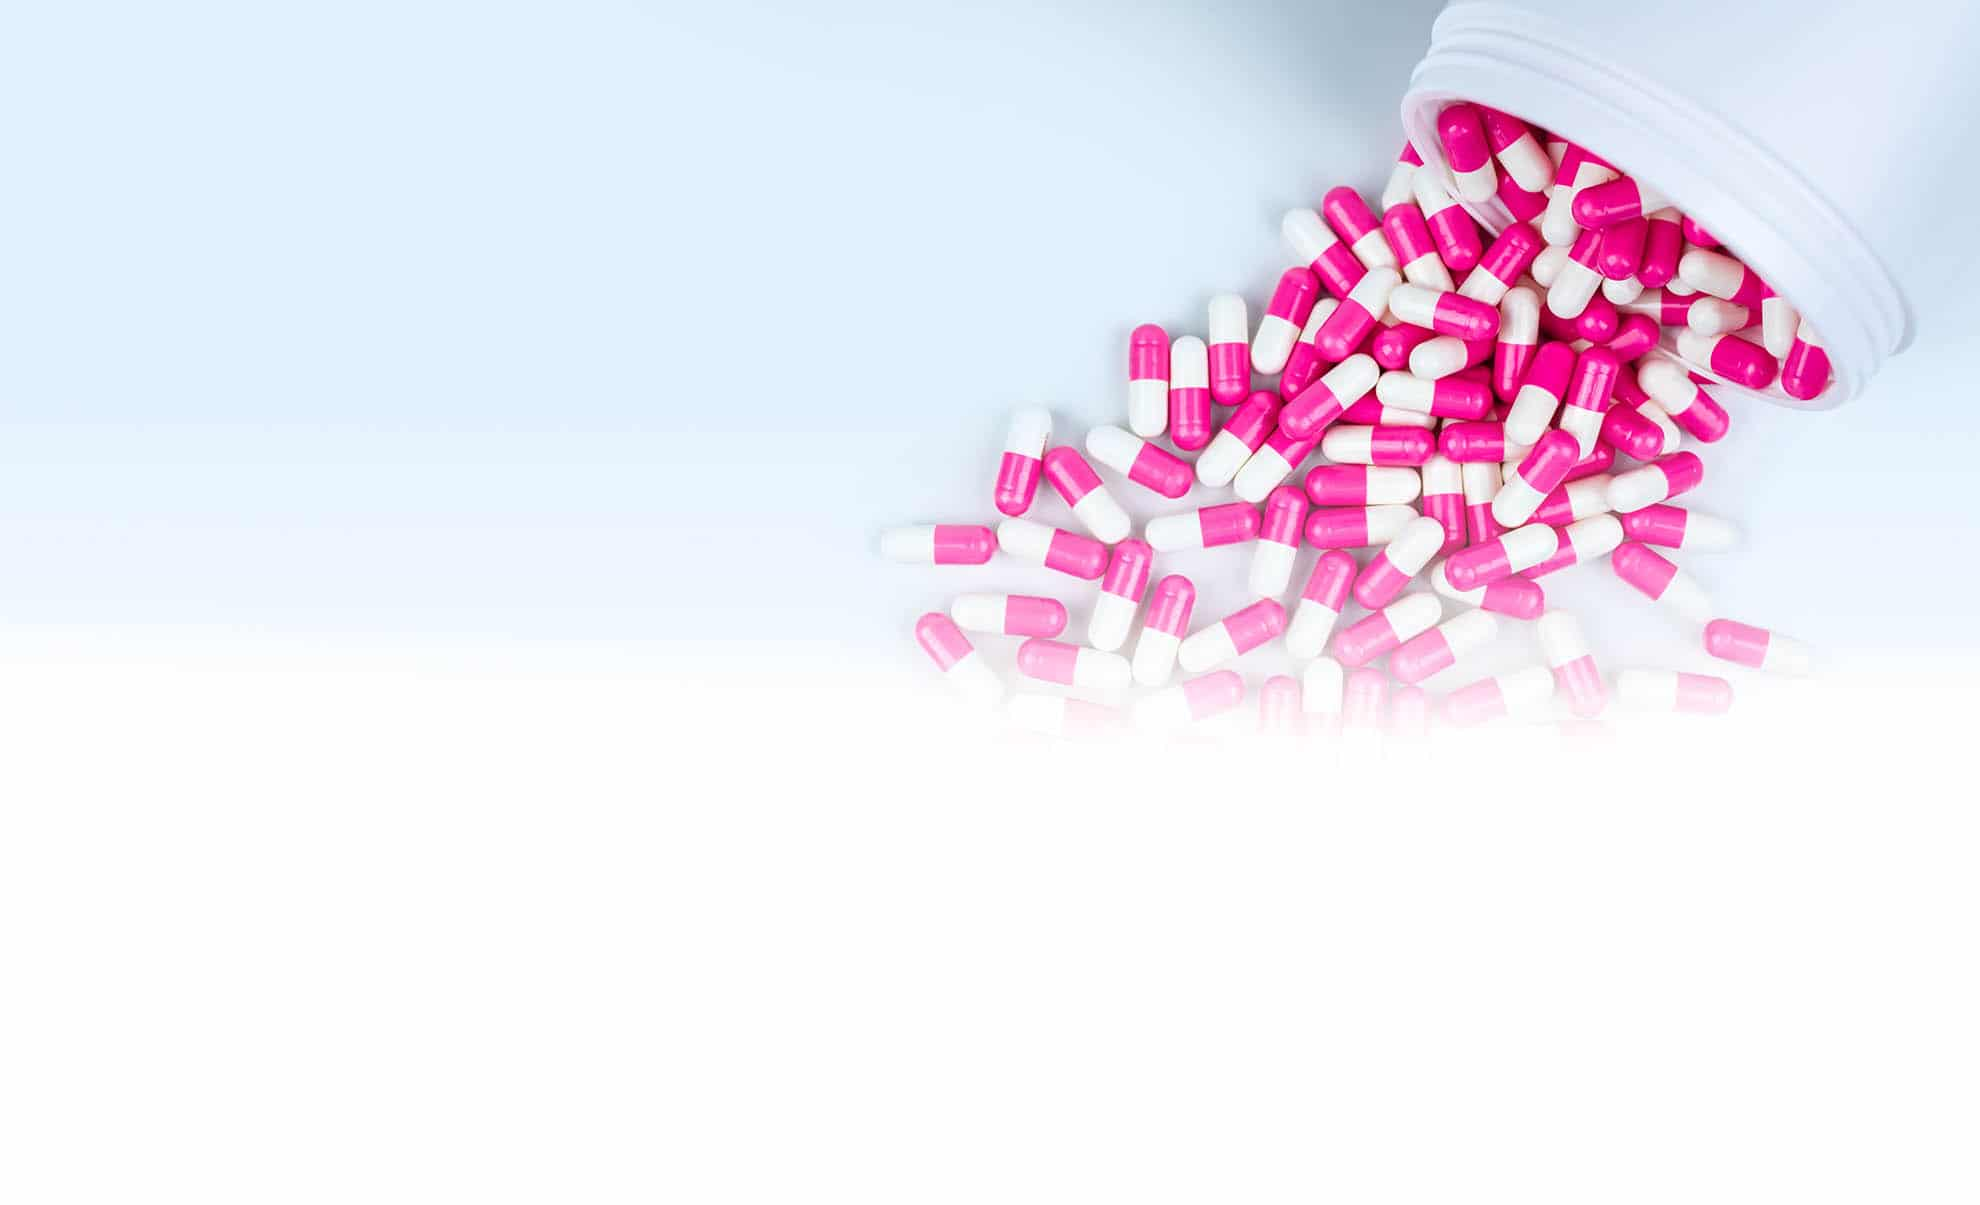 Ein Antibiotikum sollte man nur einnehmen, wenn es unbedingt notwendig ist: So selten wie möglich, aber so oft wie nötig. Wichtig ist, dass ein Antibiotikum nur eingenommen wird, wenn tatsächlich eine Infektion mit krankmachenden Bakterien vorliegt